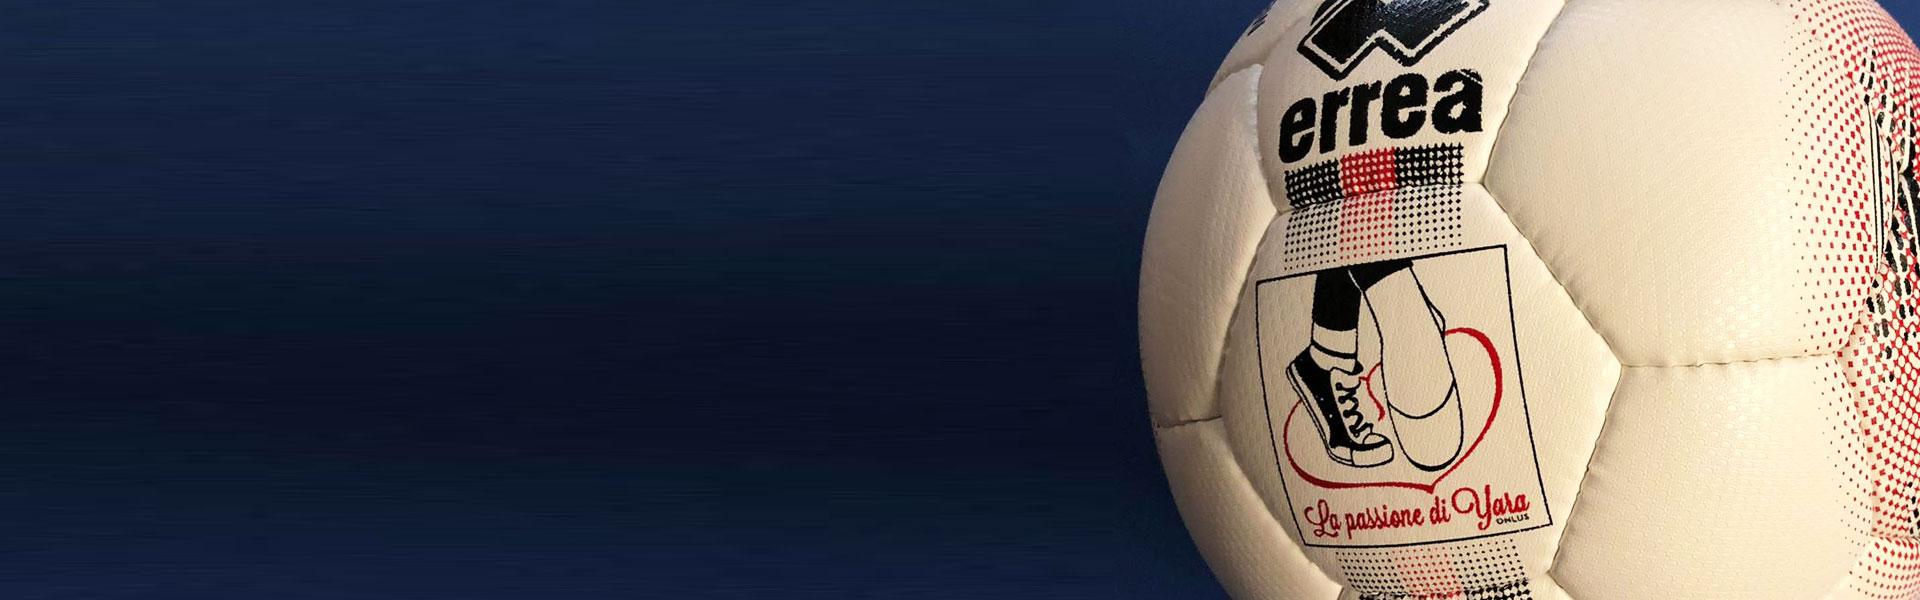 I nuovi palloni La Passione di Yara